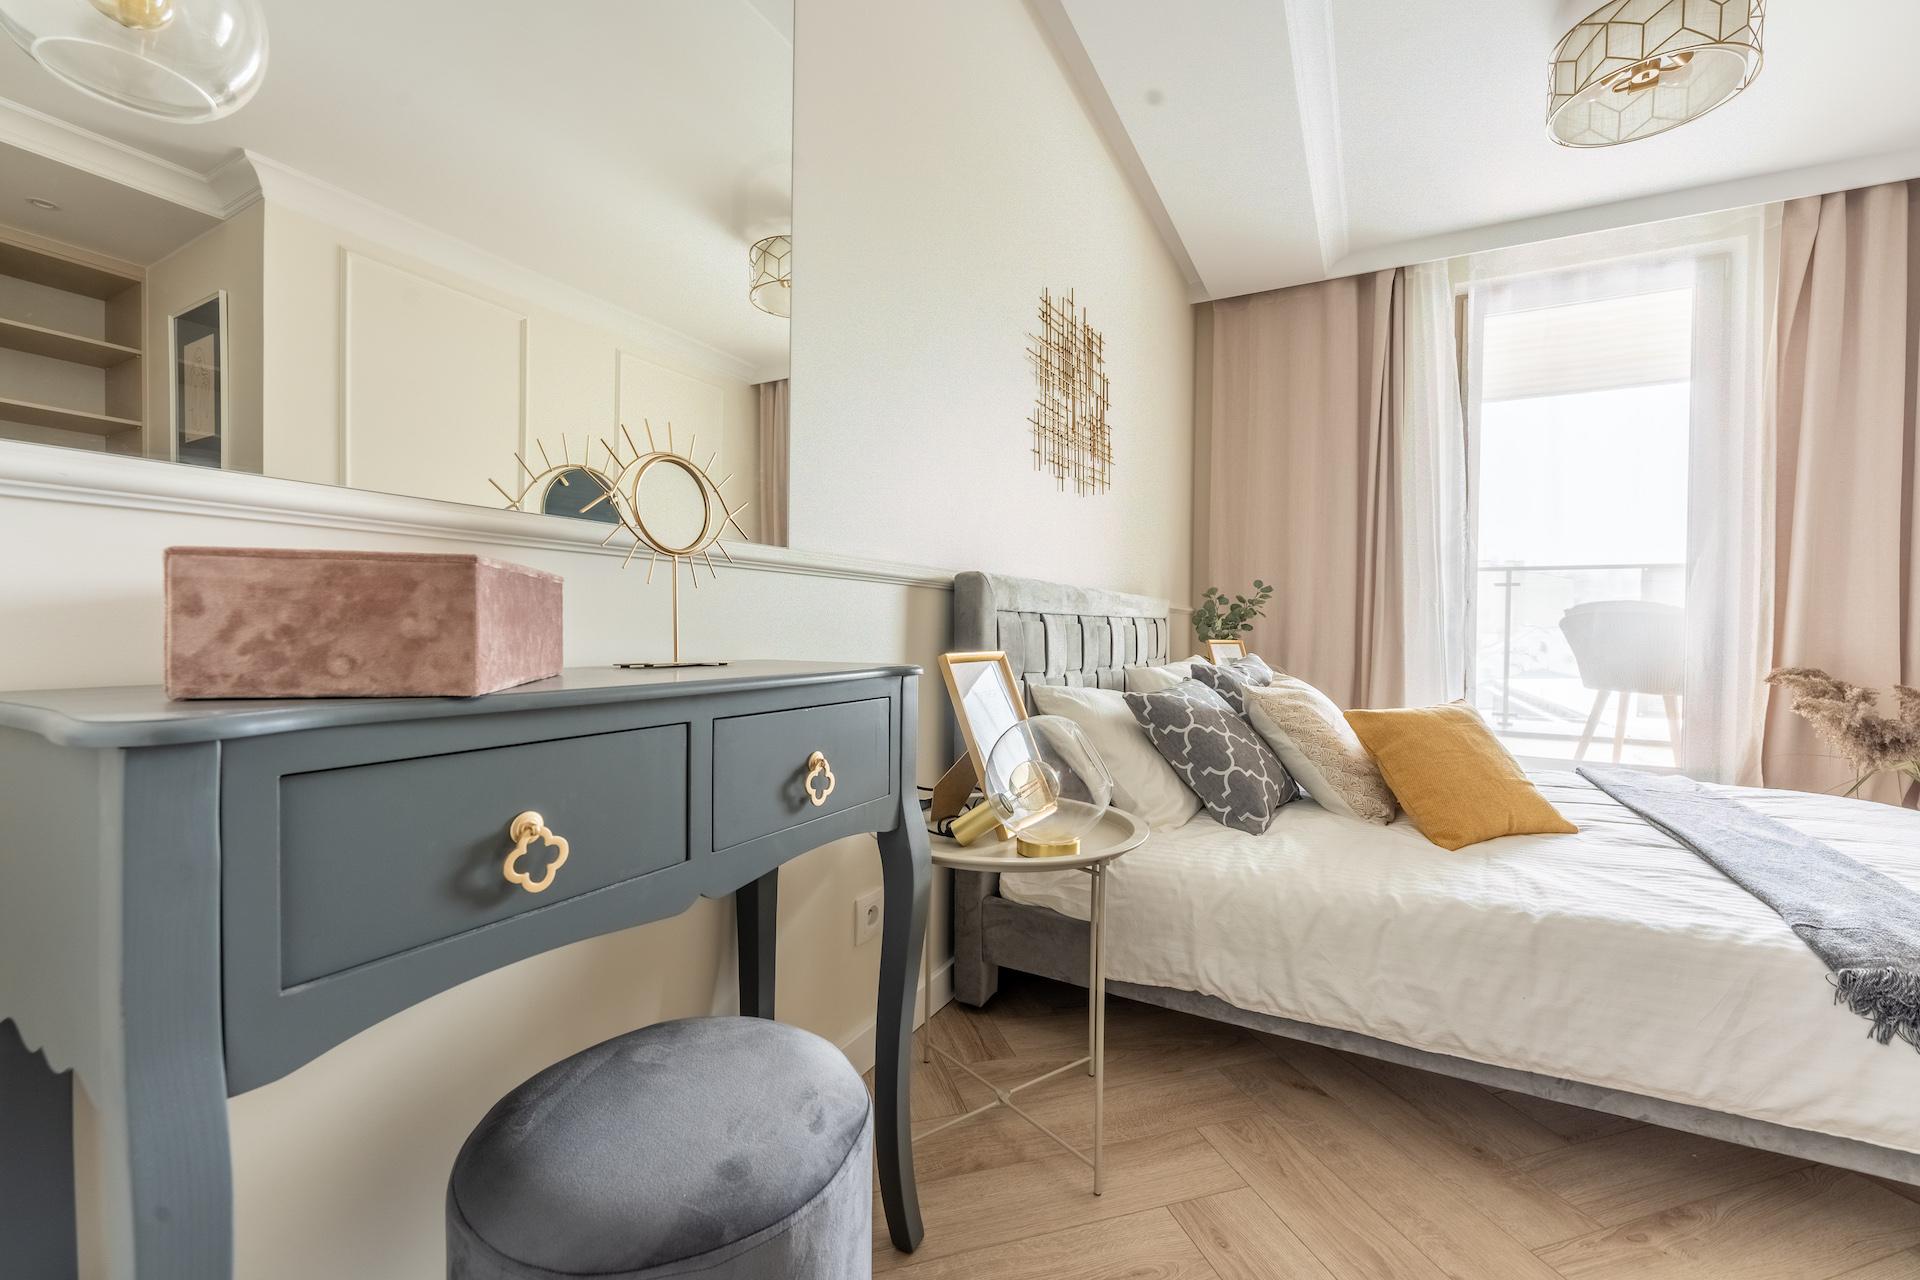 jak odmienić mieszkanie na wiosnę – sypialnia w neutralnych kolorach